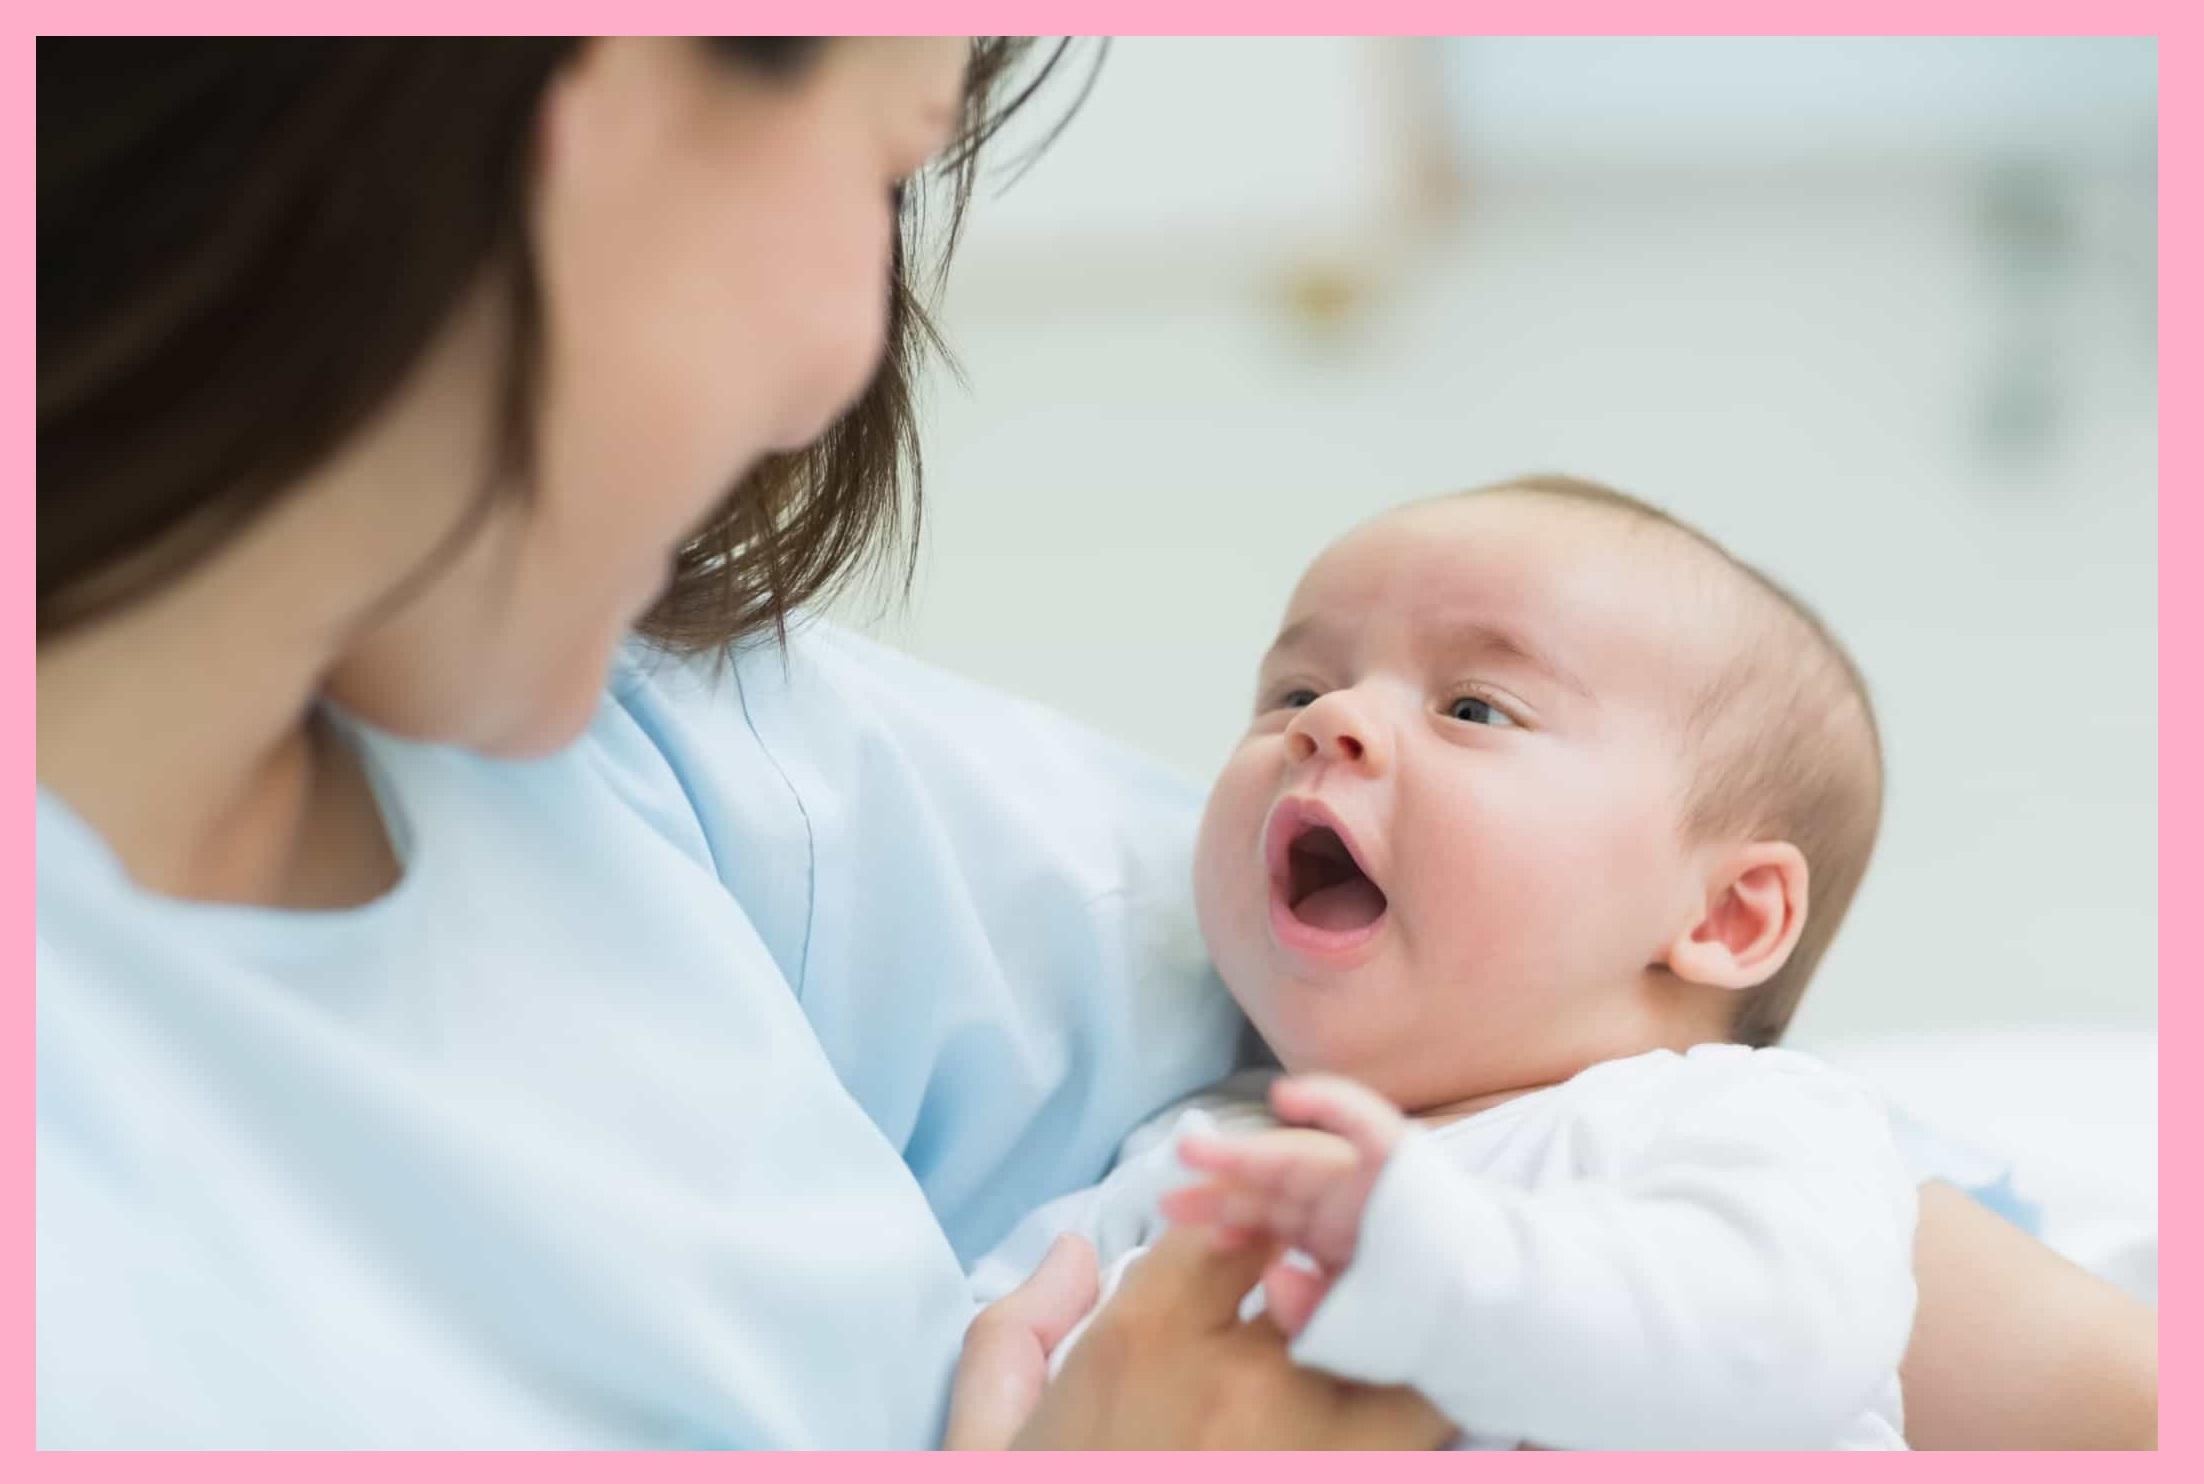 Hamile kadınlar için müshil bir doktor yardımı ile seçilmelidir